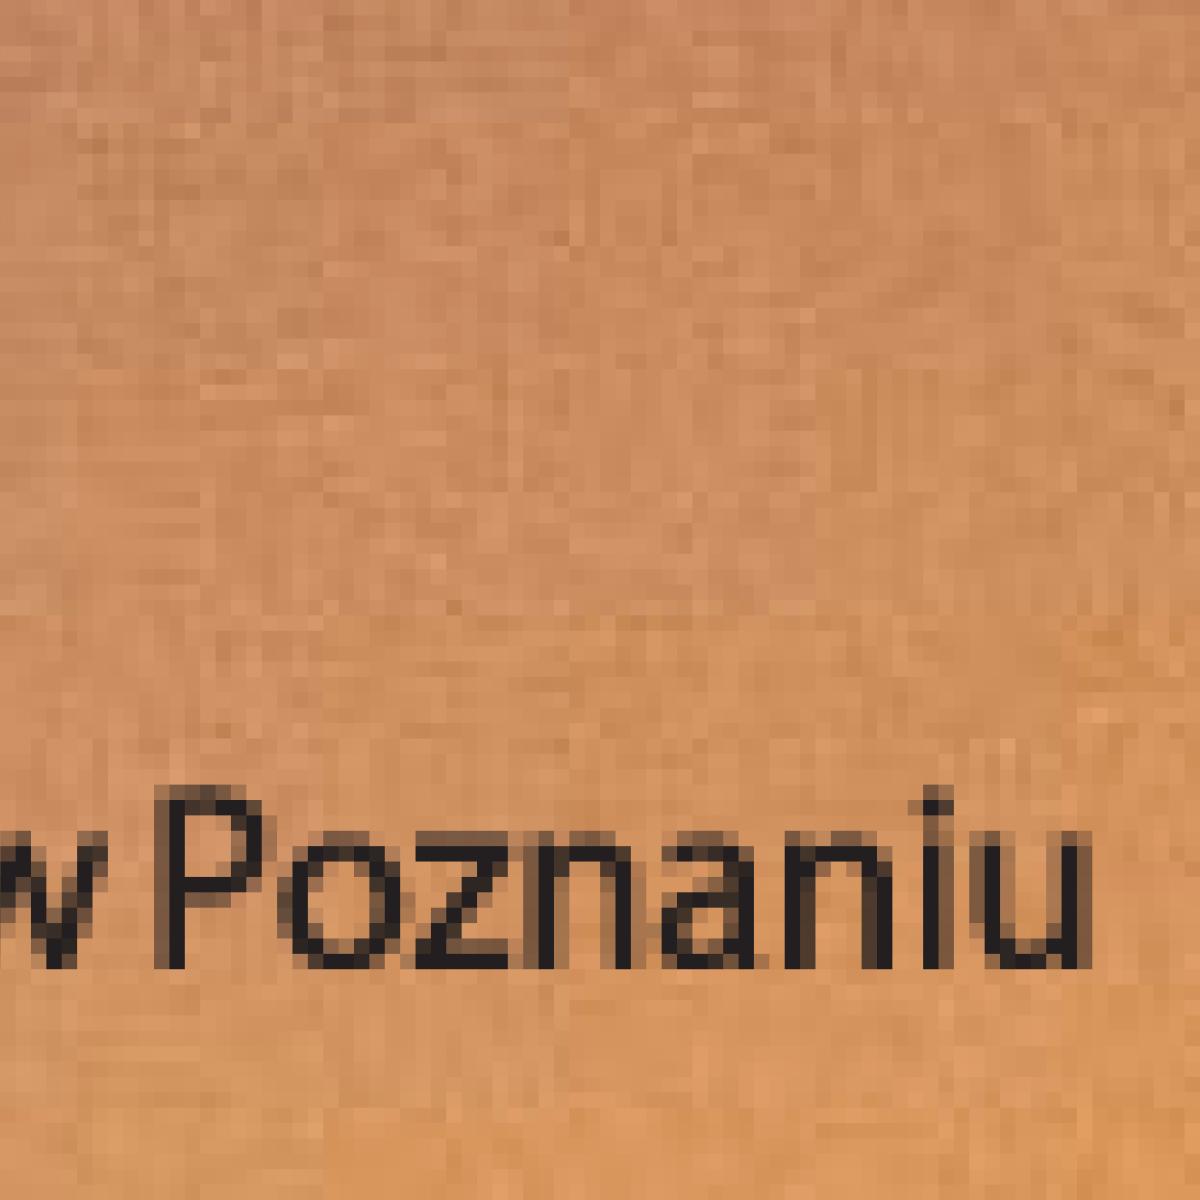 Muzem Narodowe w Poznaniu